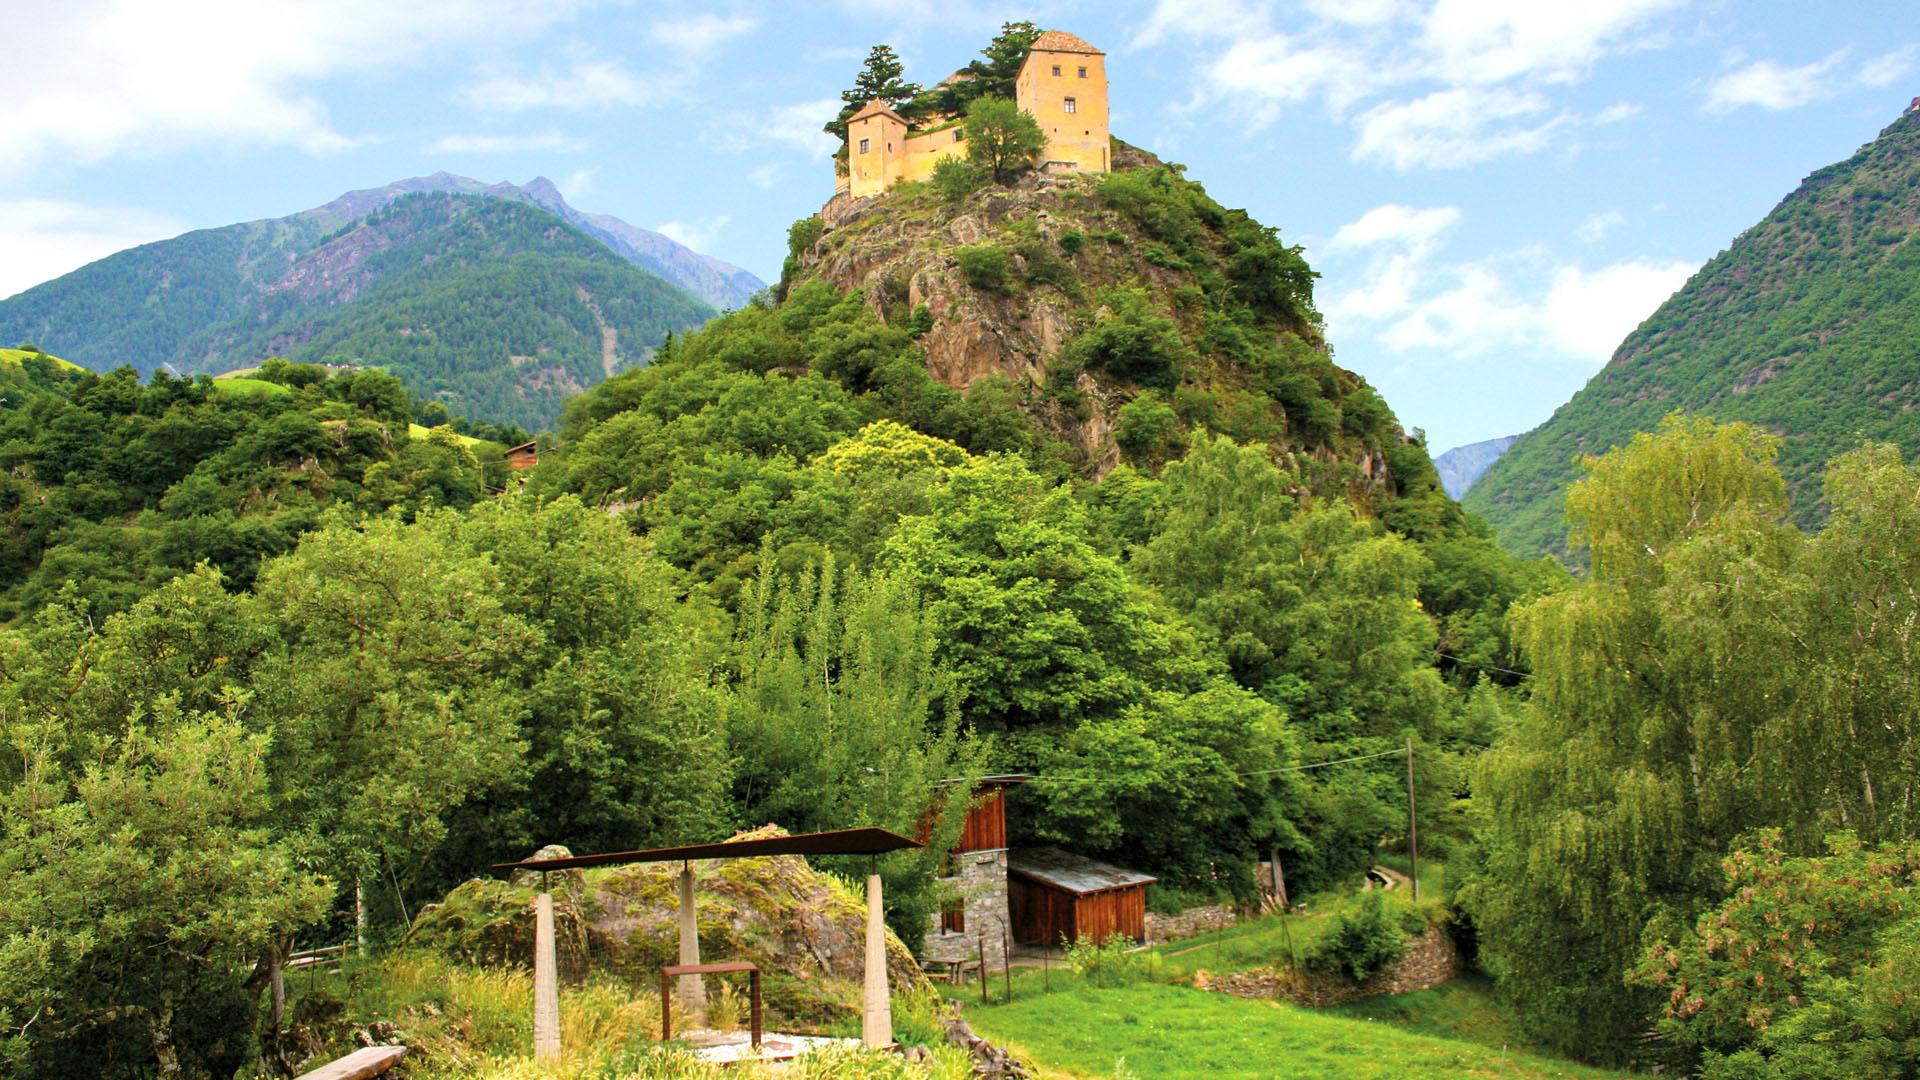 Grabungsstätte am Burgberg von Schloss Juval